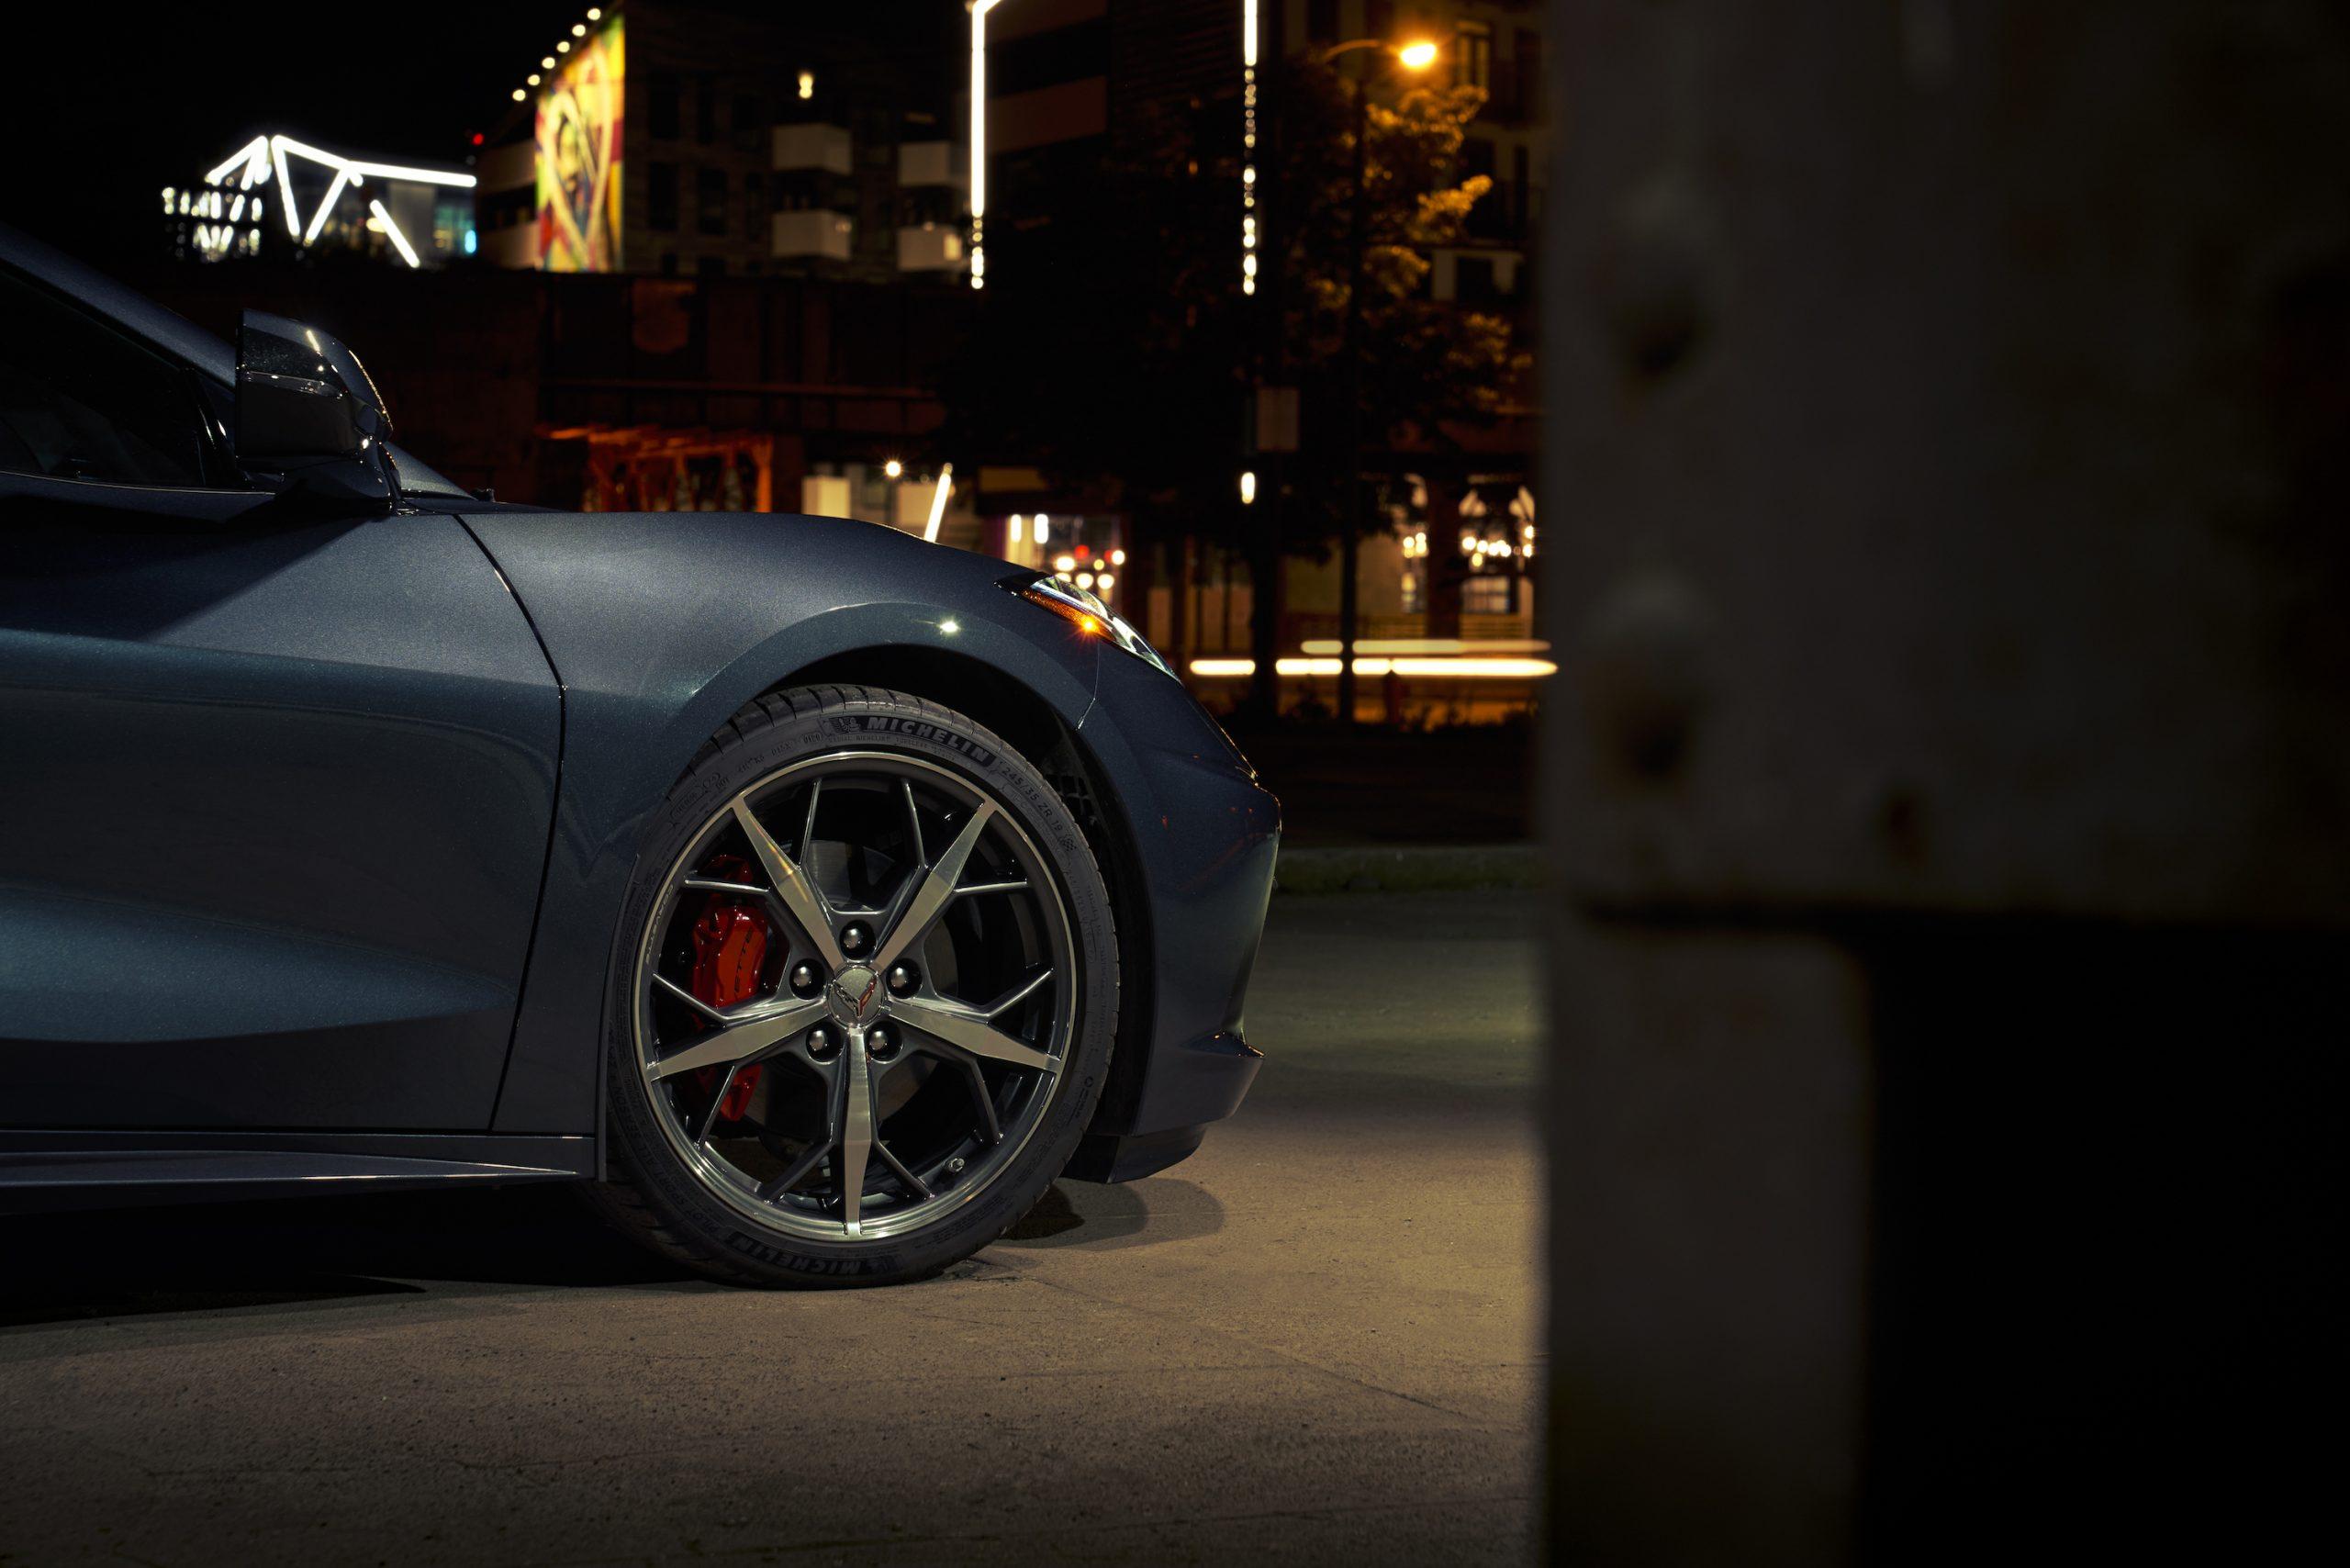 2020 Chevrolet Corvette Stingray 2LT C8 Front Wheel